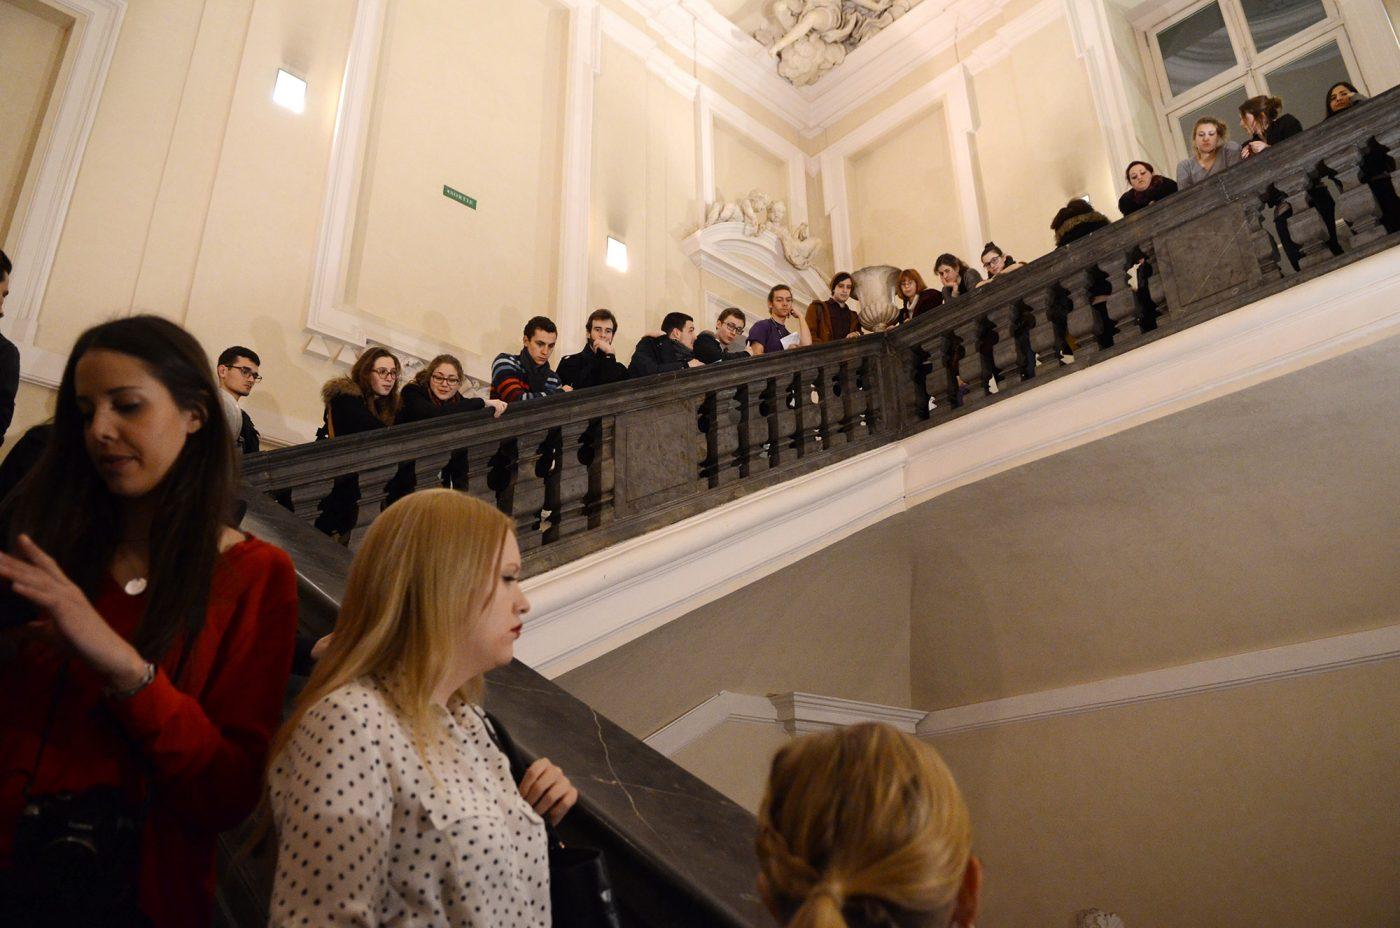 Gros succès pour la nocturne du Musée des Beaux-Arts de Lyon réservée aux étudiants. L'événement est fortement relayé par la communauté estudiantine sur Facebook.